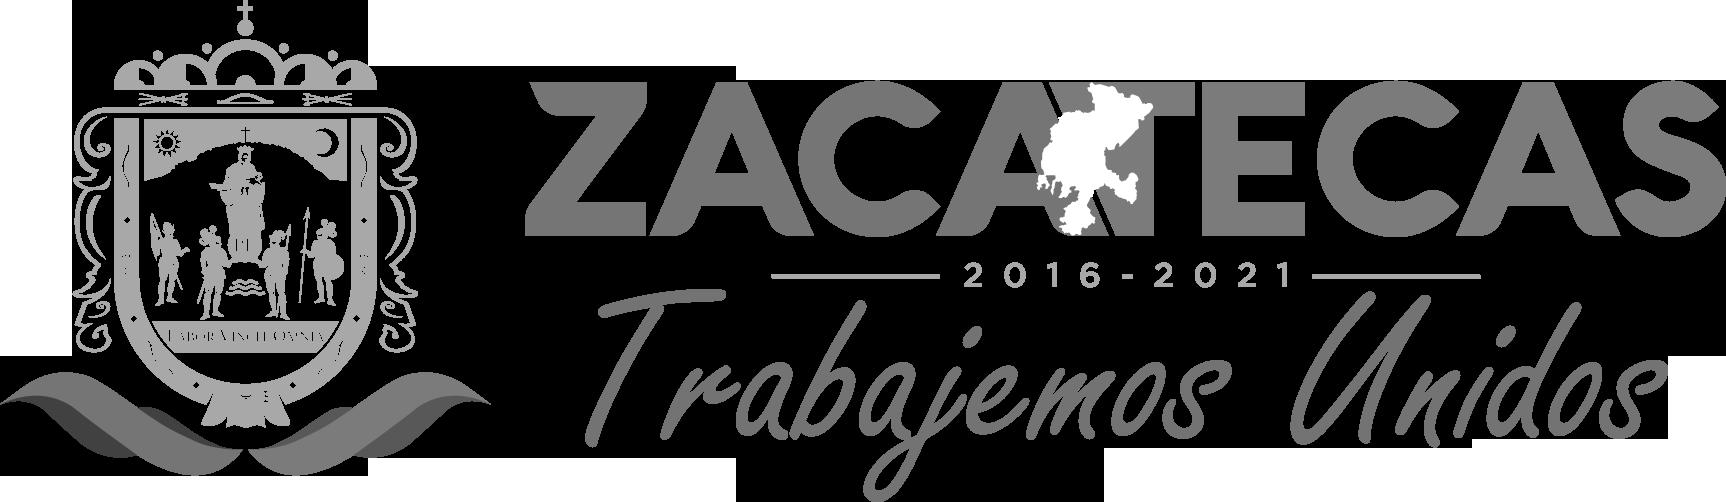 Gobierno de Zacatecas